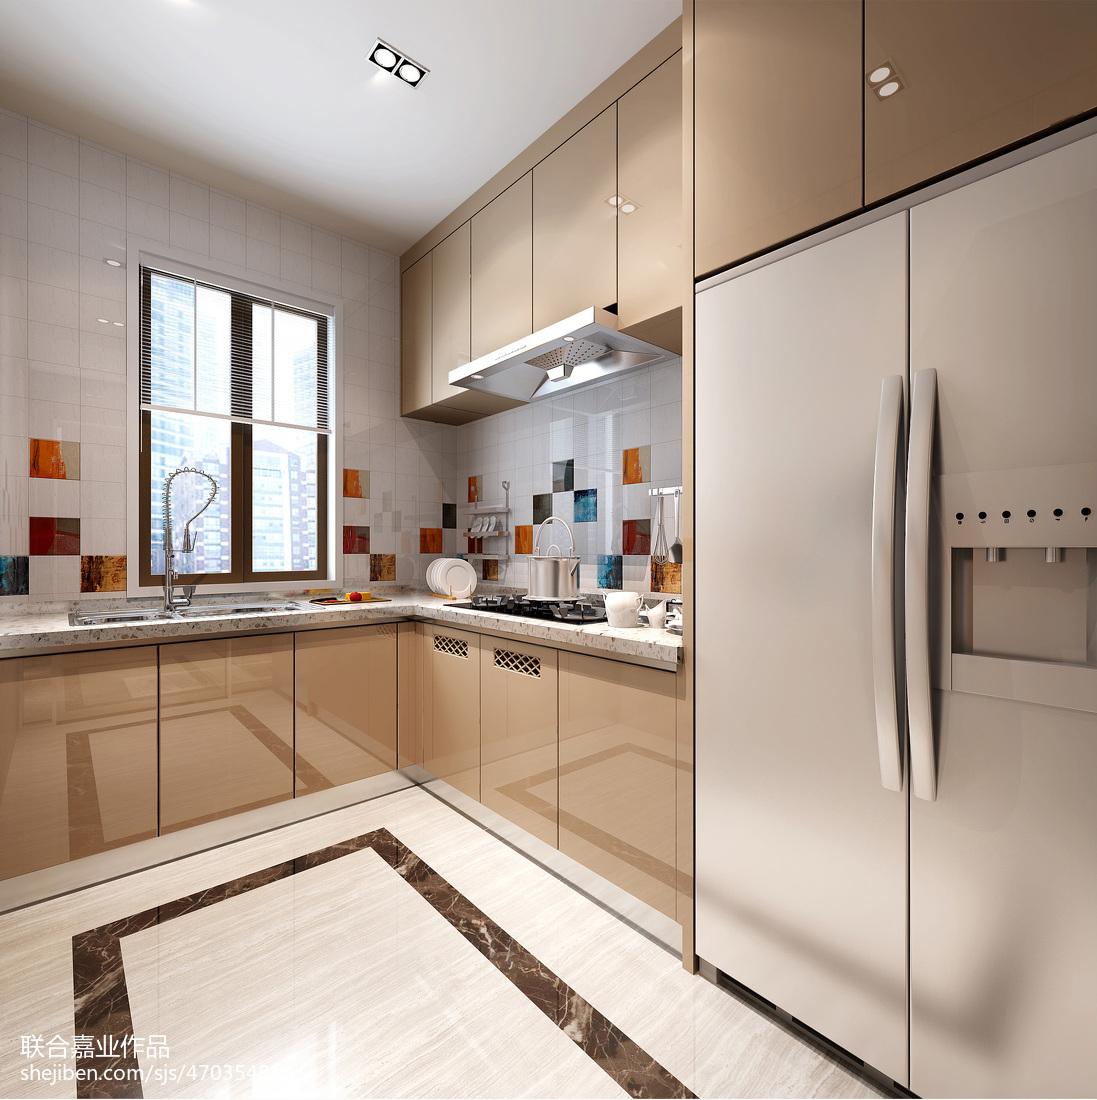 家庭酒柜设计图_家庭餐厅酒柜设计图-土巴兔装修效果图